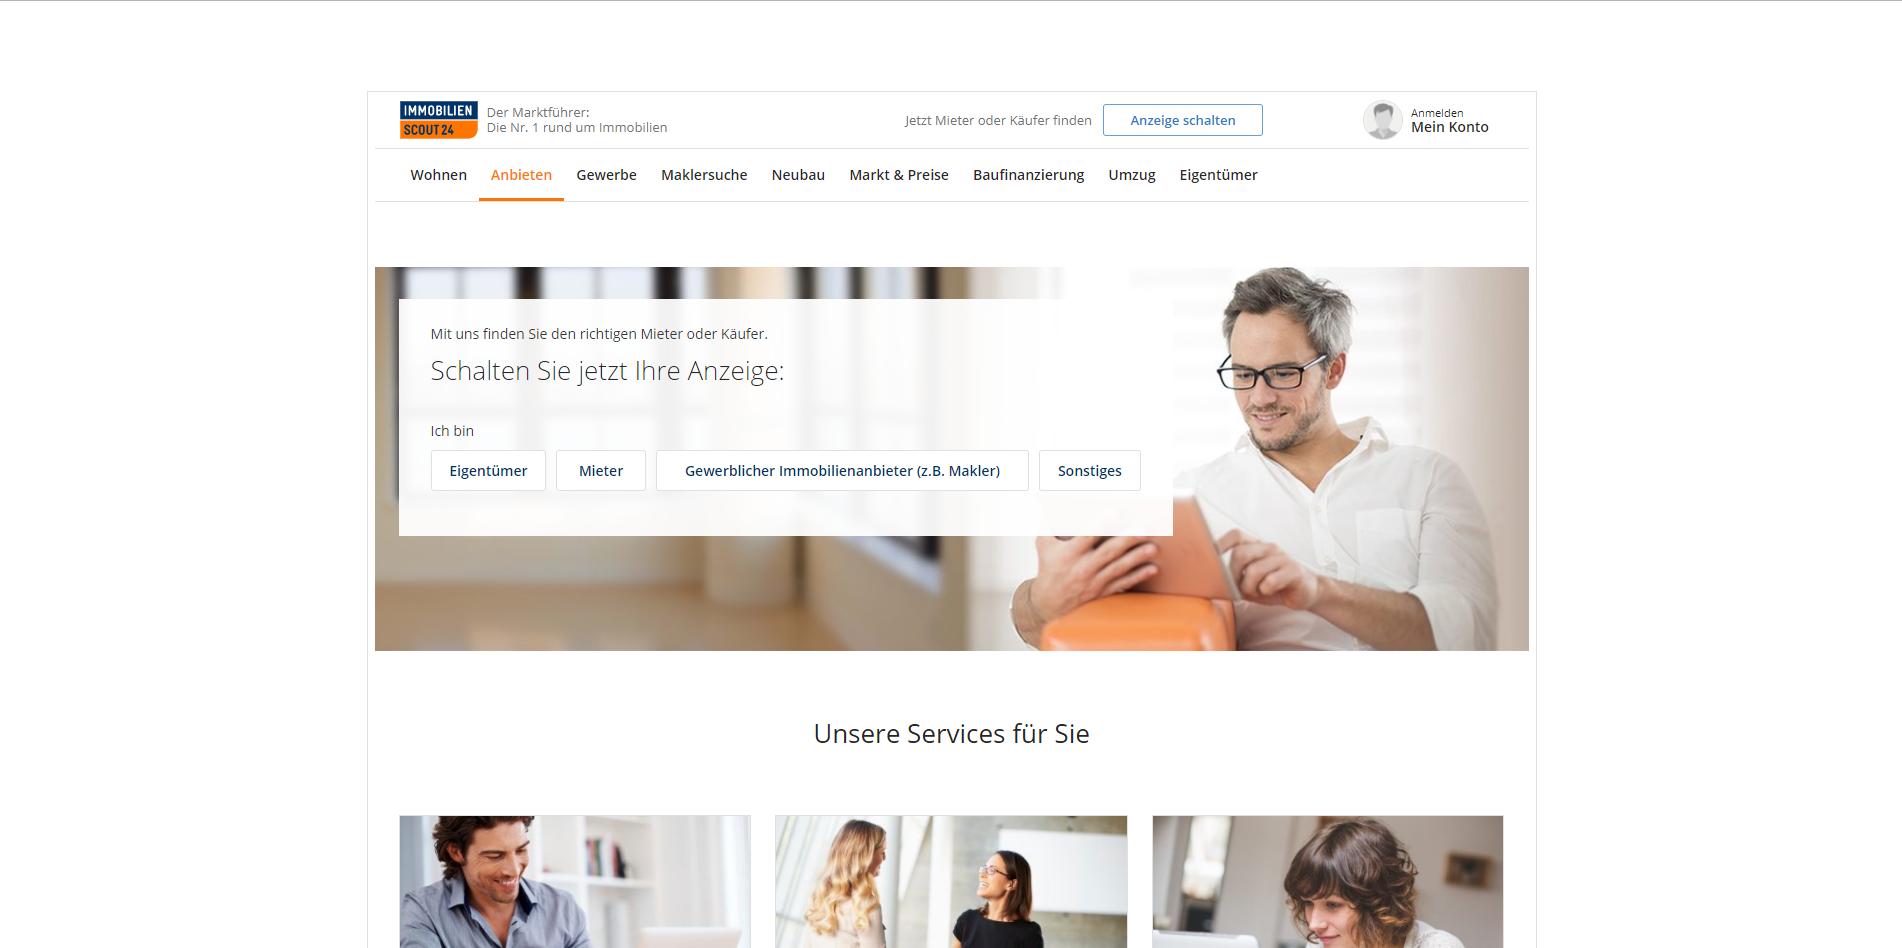 alternativen zu immobilienscout24 die besten immobilienscout24 alternativen 2018. Black Bedroom Furniture Sets. Home Design Ideas